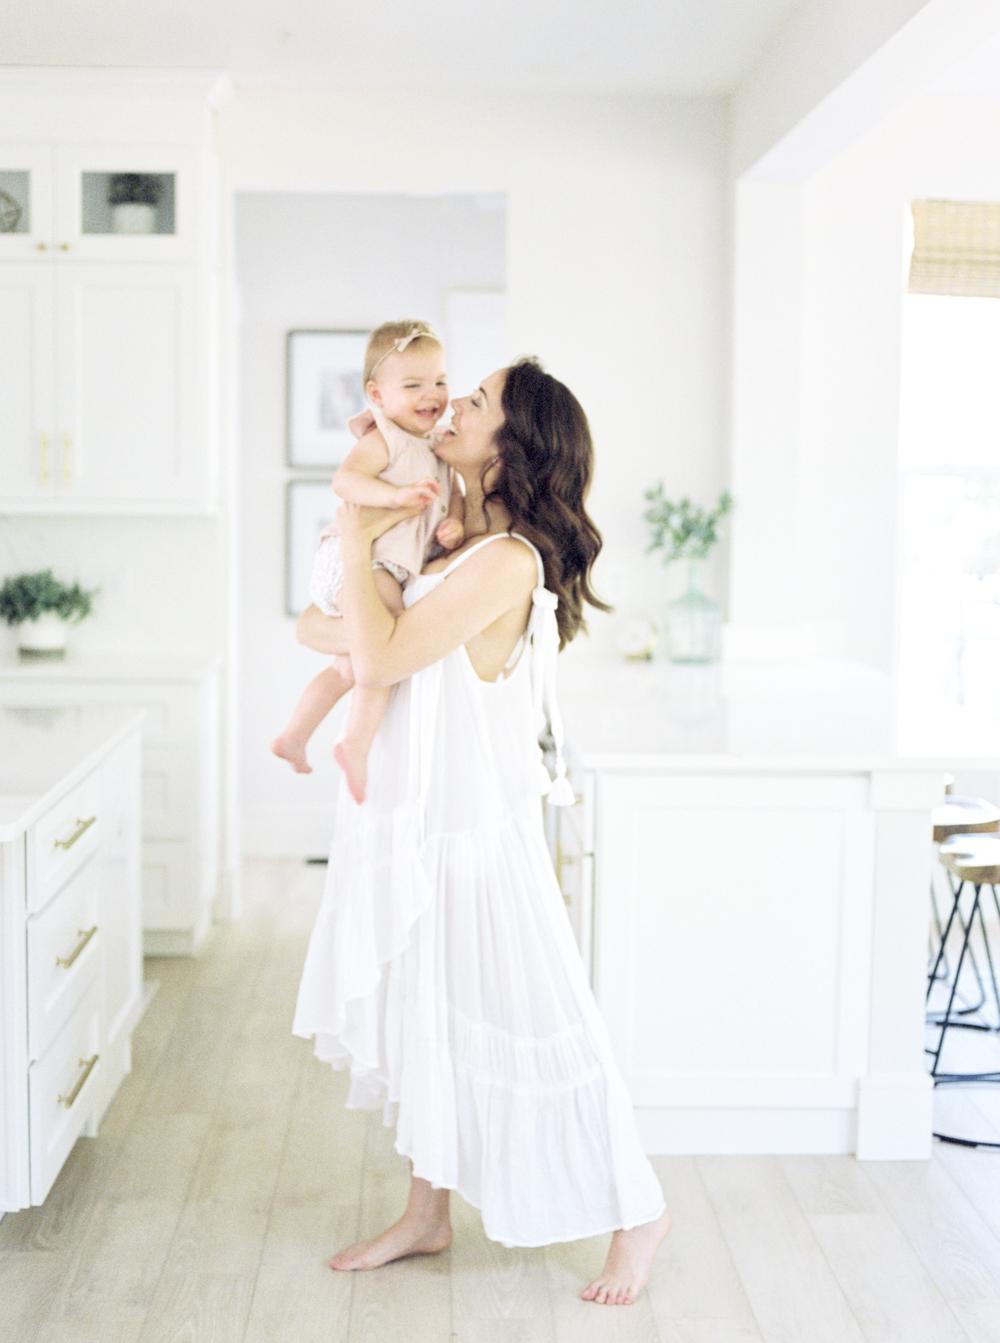 Rebecca-Sable-Family-Photographer-Richmond-Virginia-24.jpg